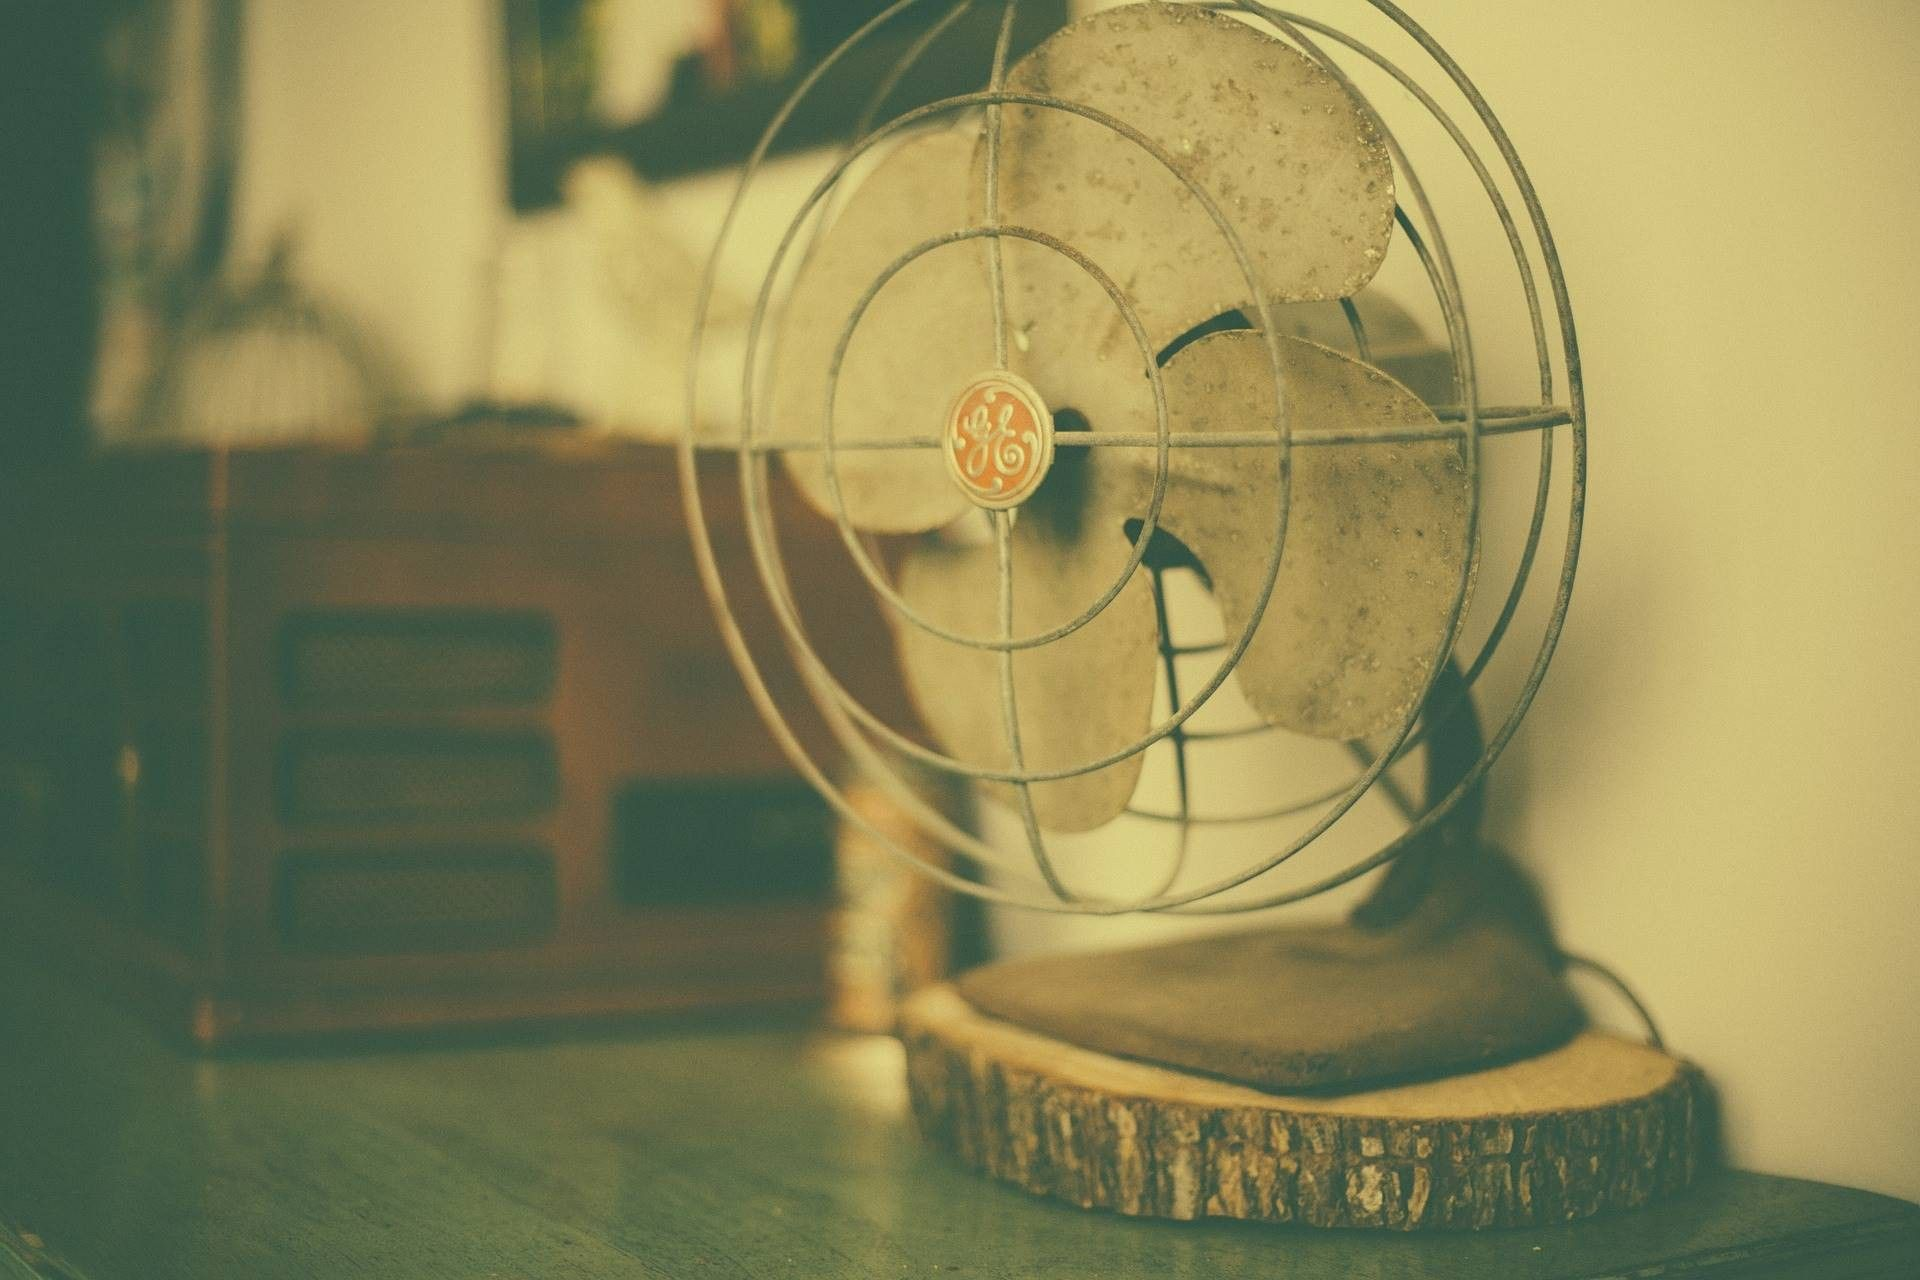 loša navika stručnjak otkrio zašto nikada ne biste trebali spavati uz ventilator